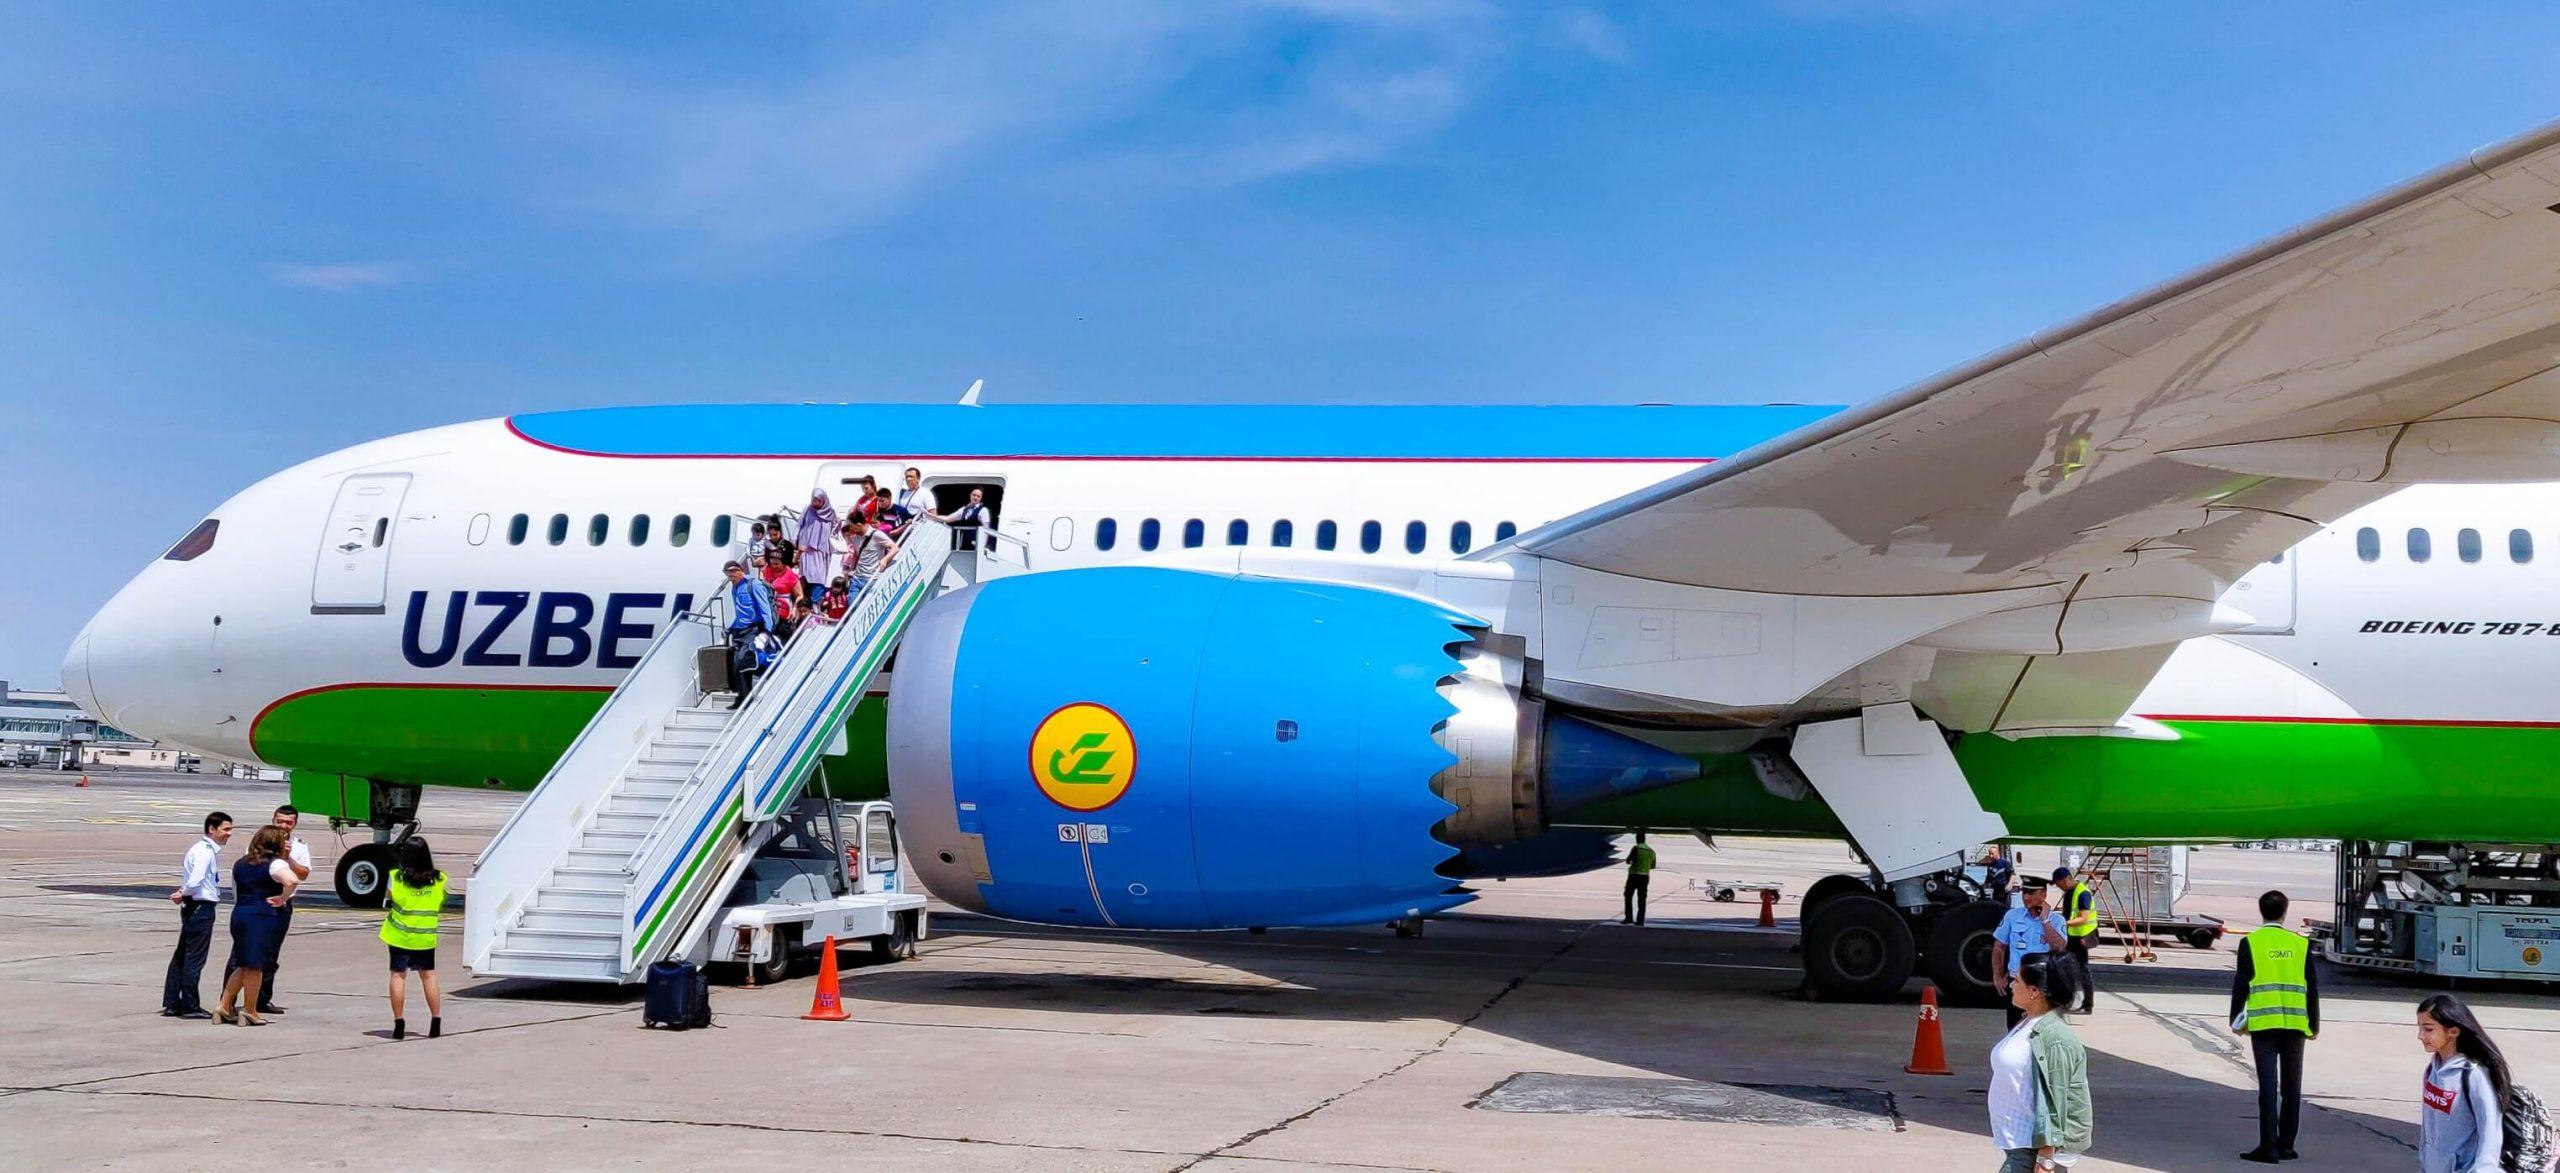 Установлен новый порядок для въезда в Узбекистан